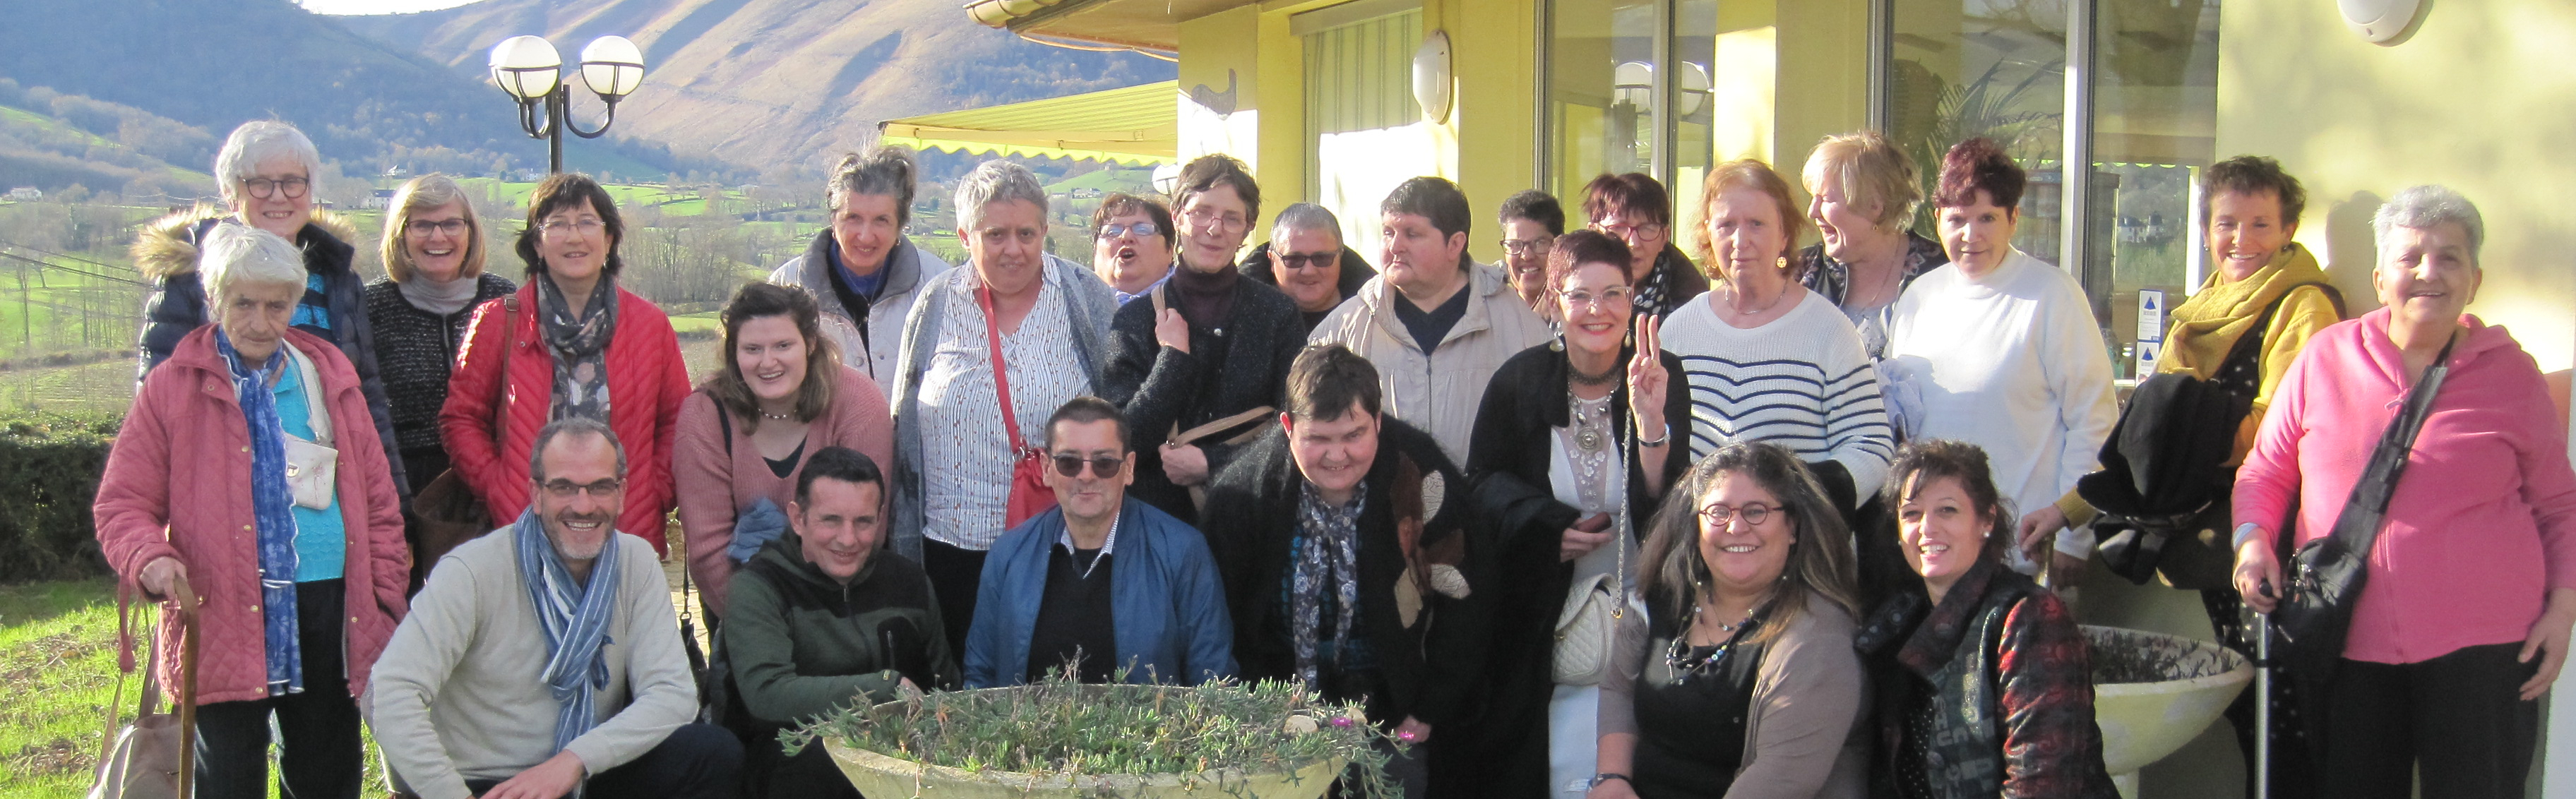 Groupe Entraide Mutuelle de Mauléon (64)